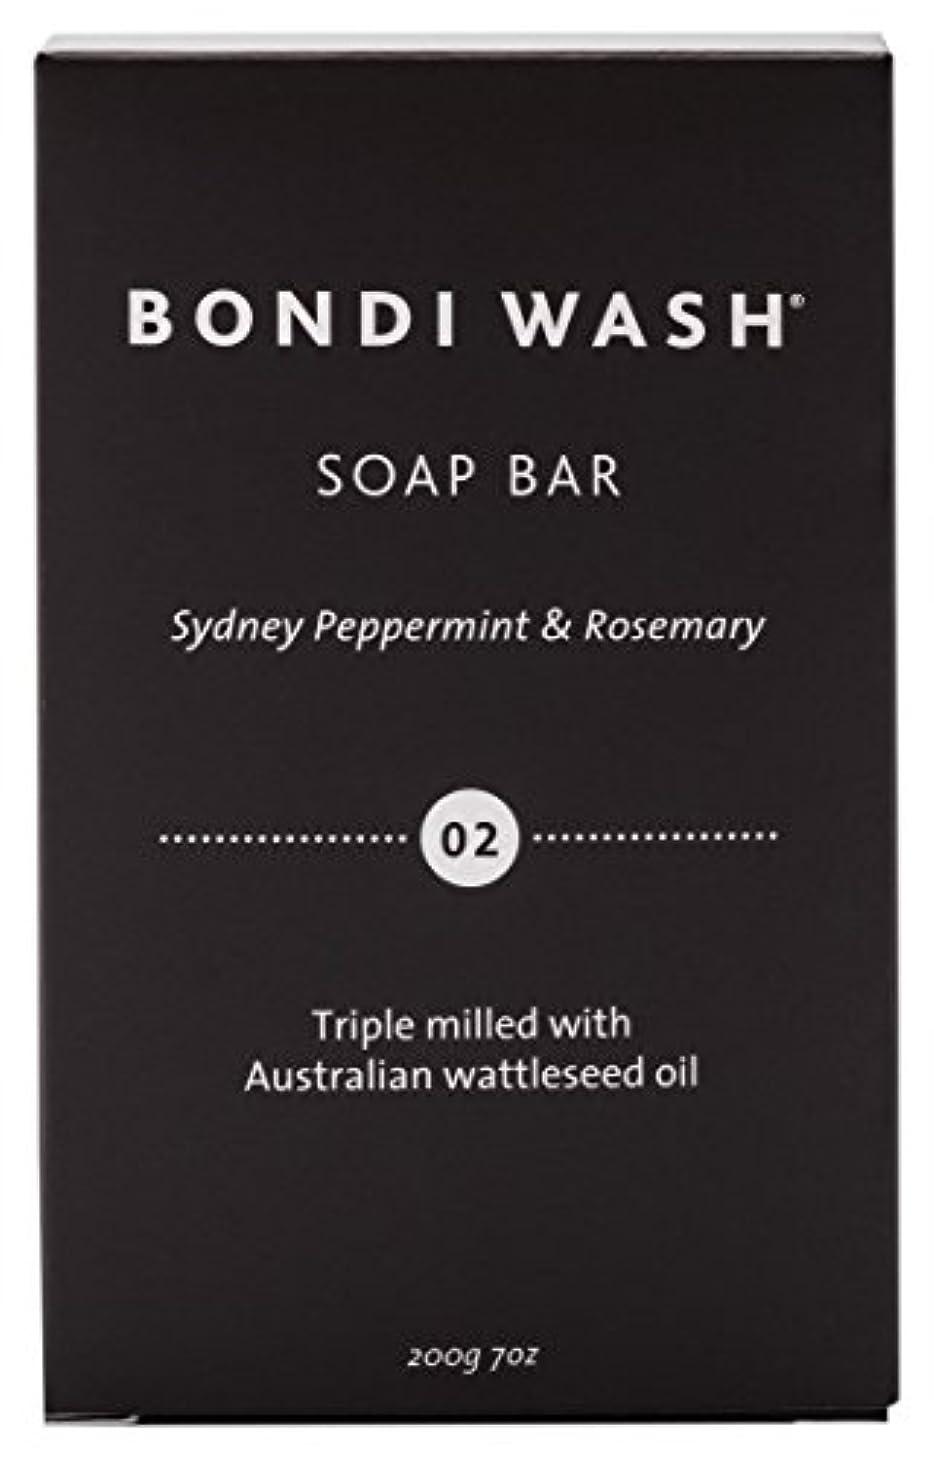 マイルストーンラウズ明日BONDI WASH ソープバー(固形石鹸) シドニーペパーミント&ローズマリー 200g